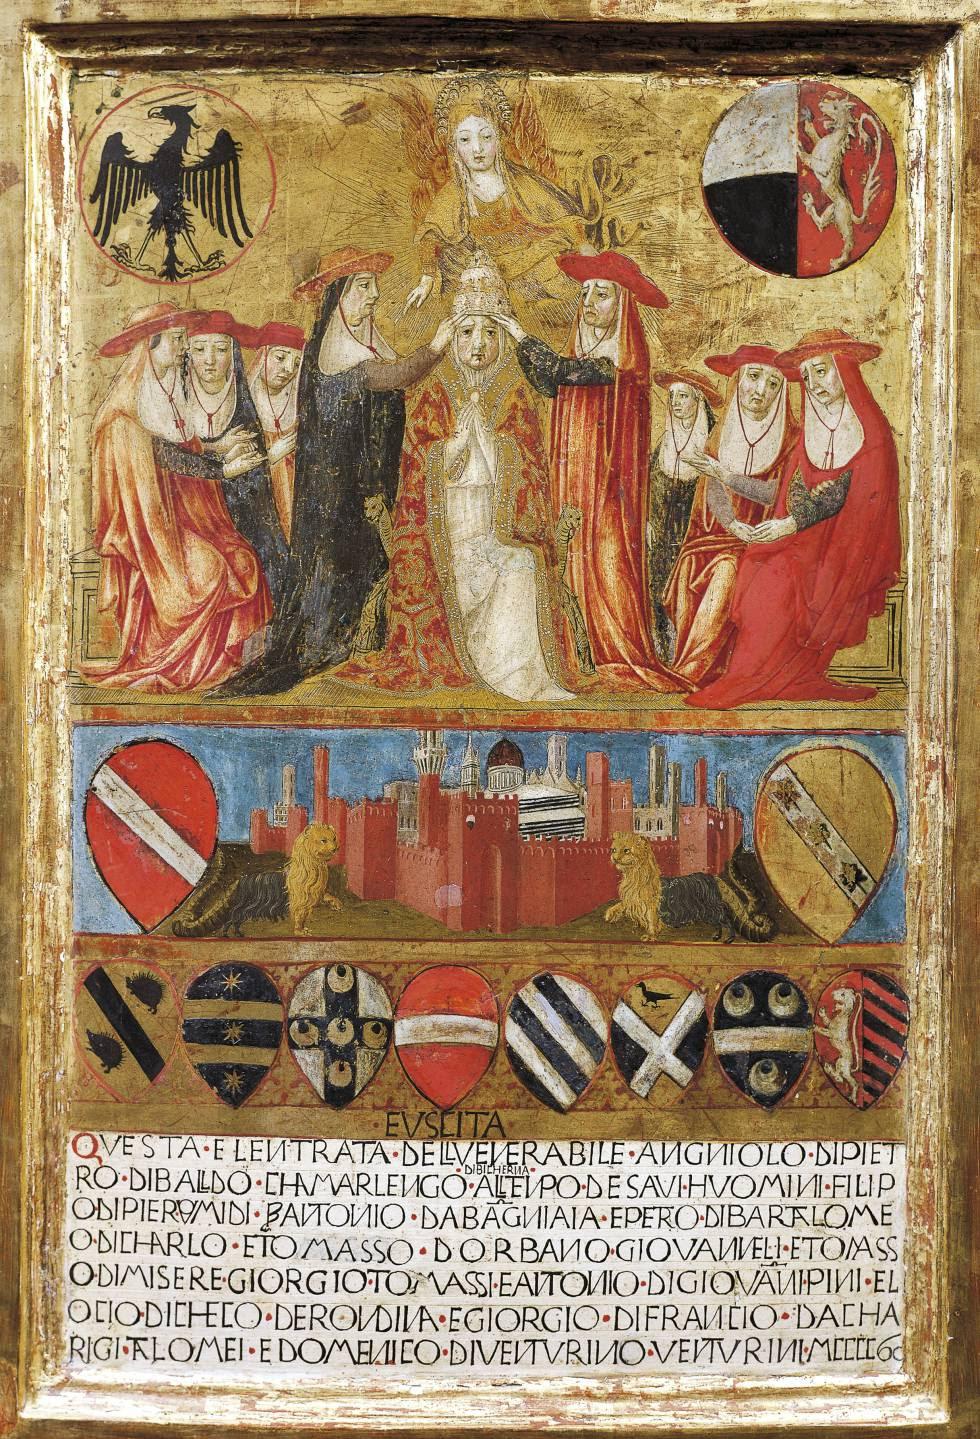 Coronación de Pío II en Siena.